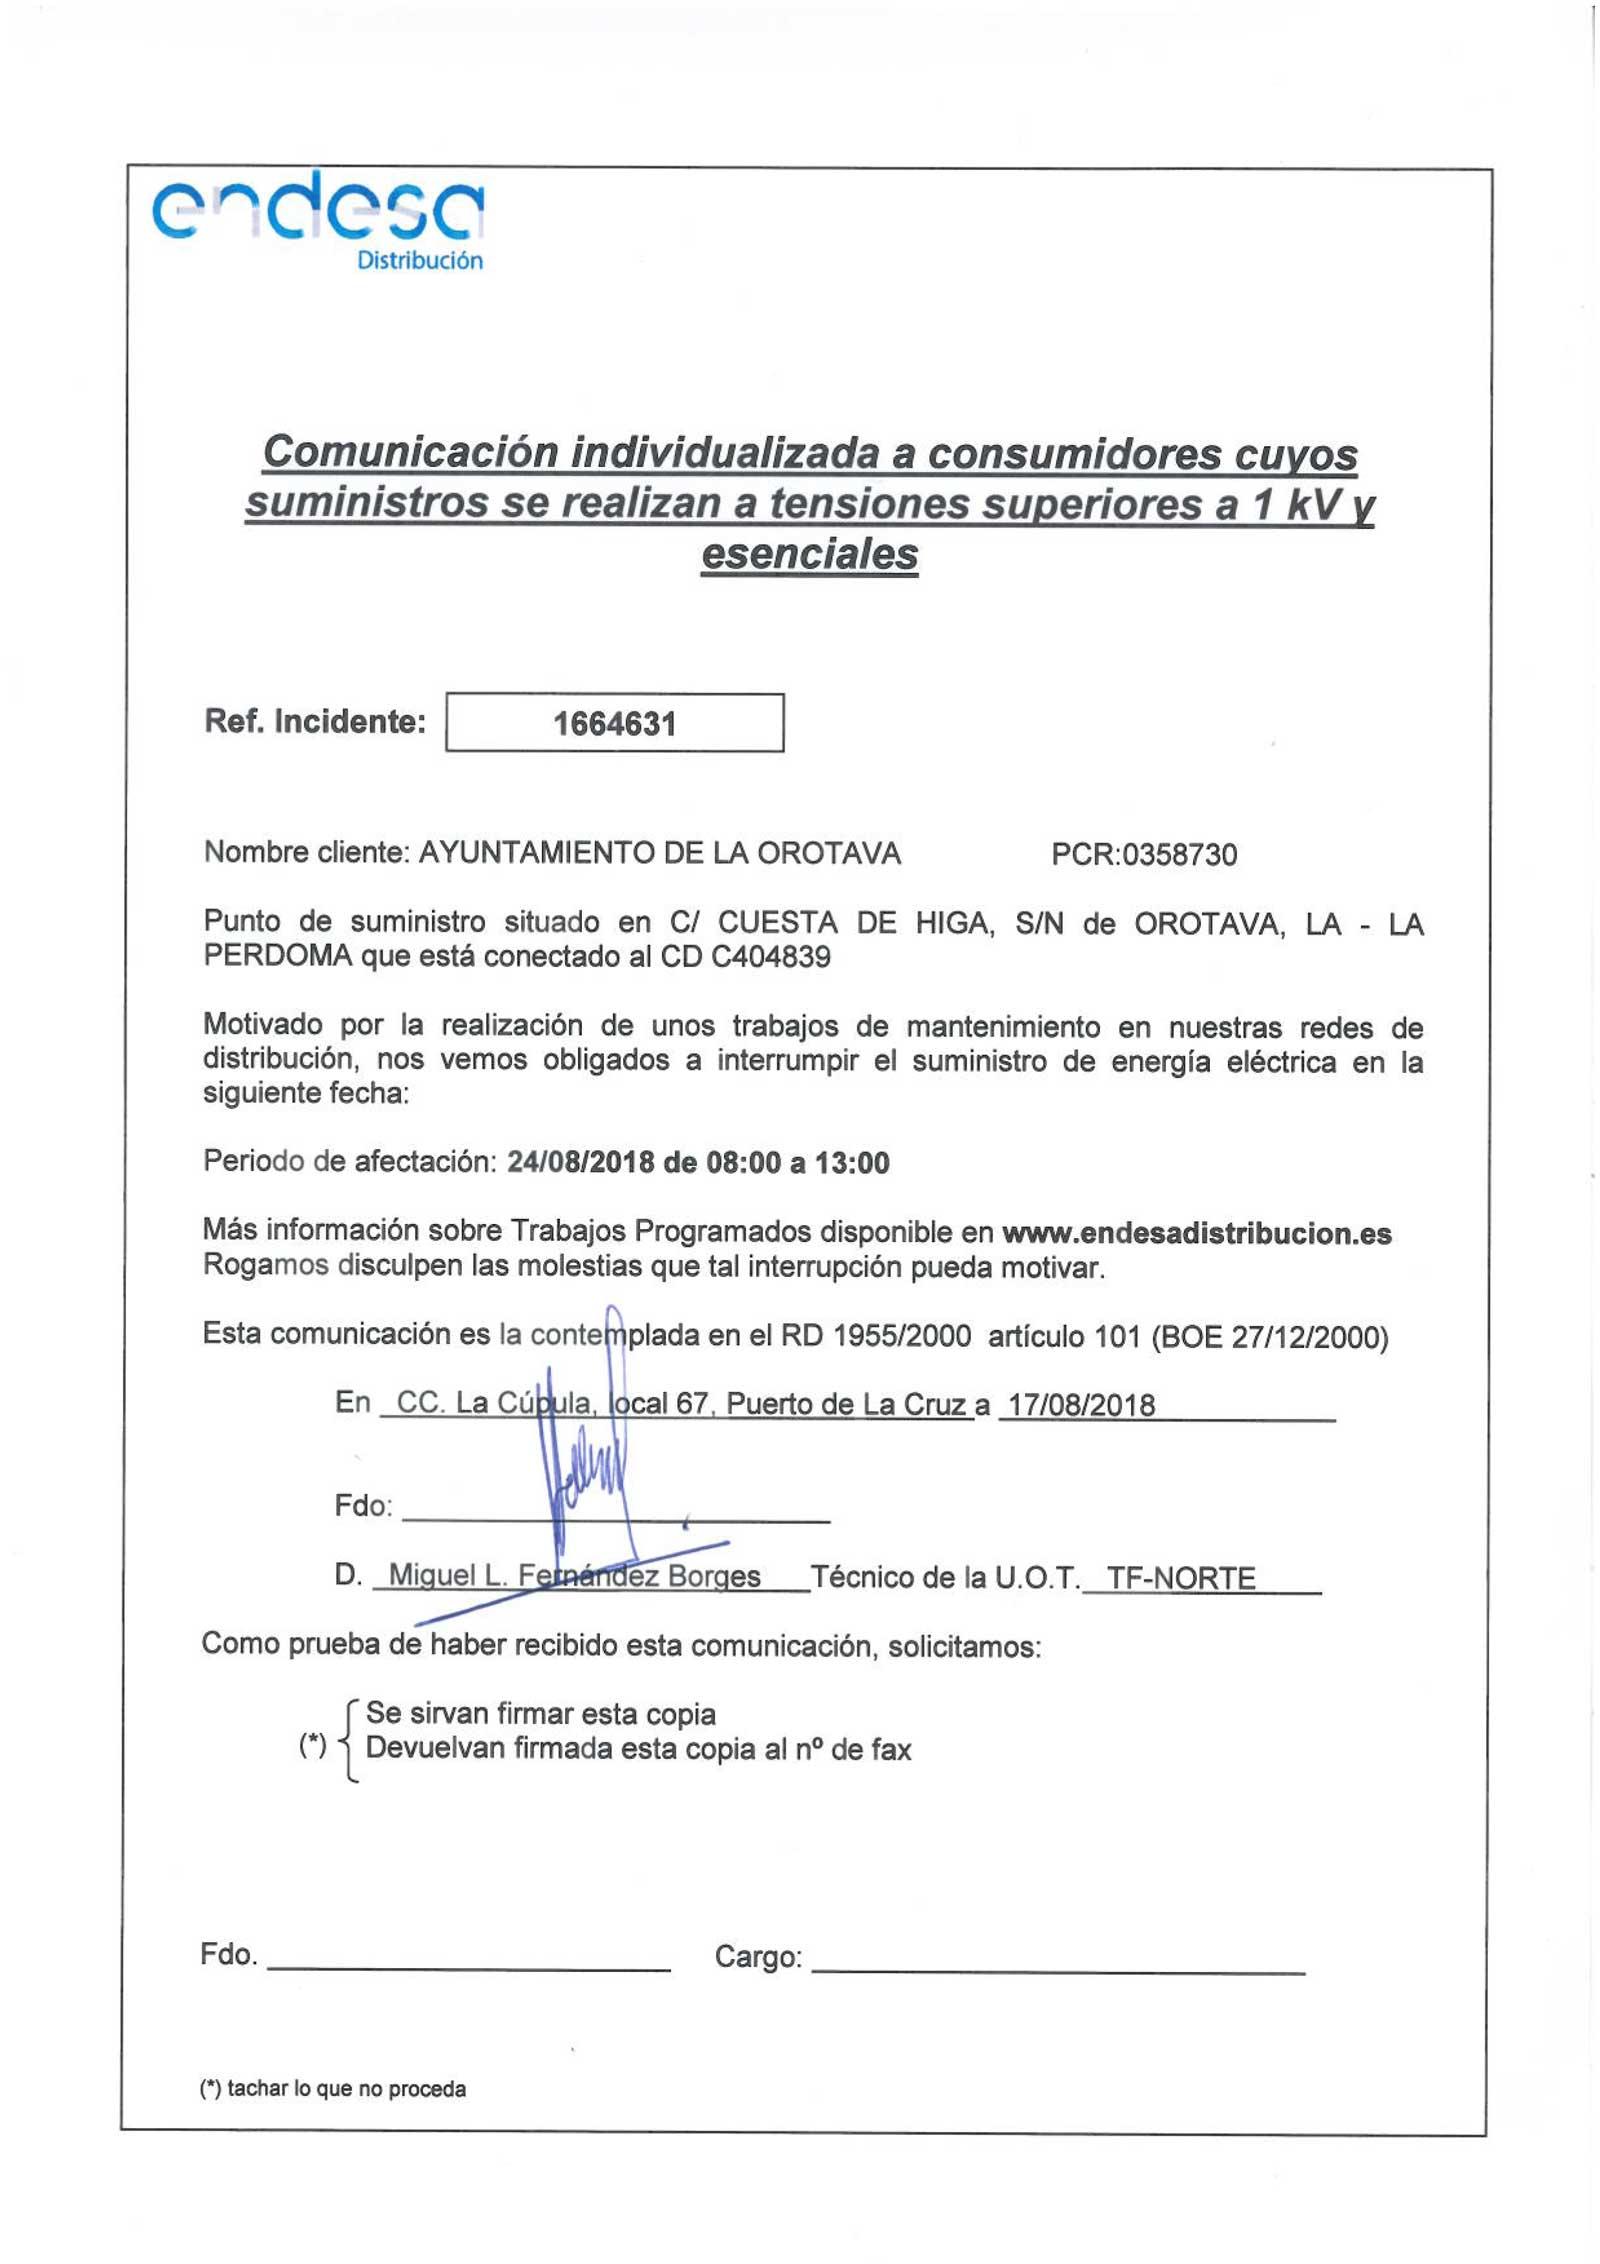 Aviso de interrupción temporal del suministro eléctrico el 24 de agosto